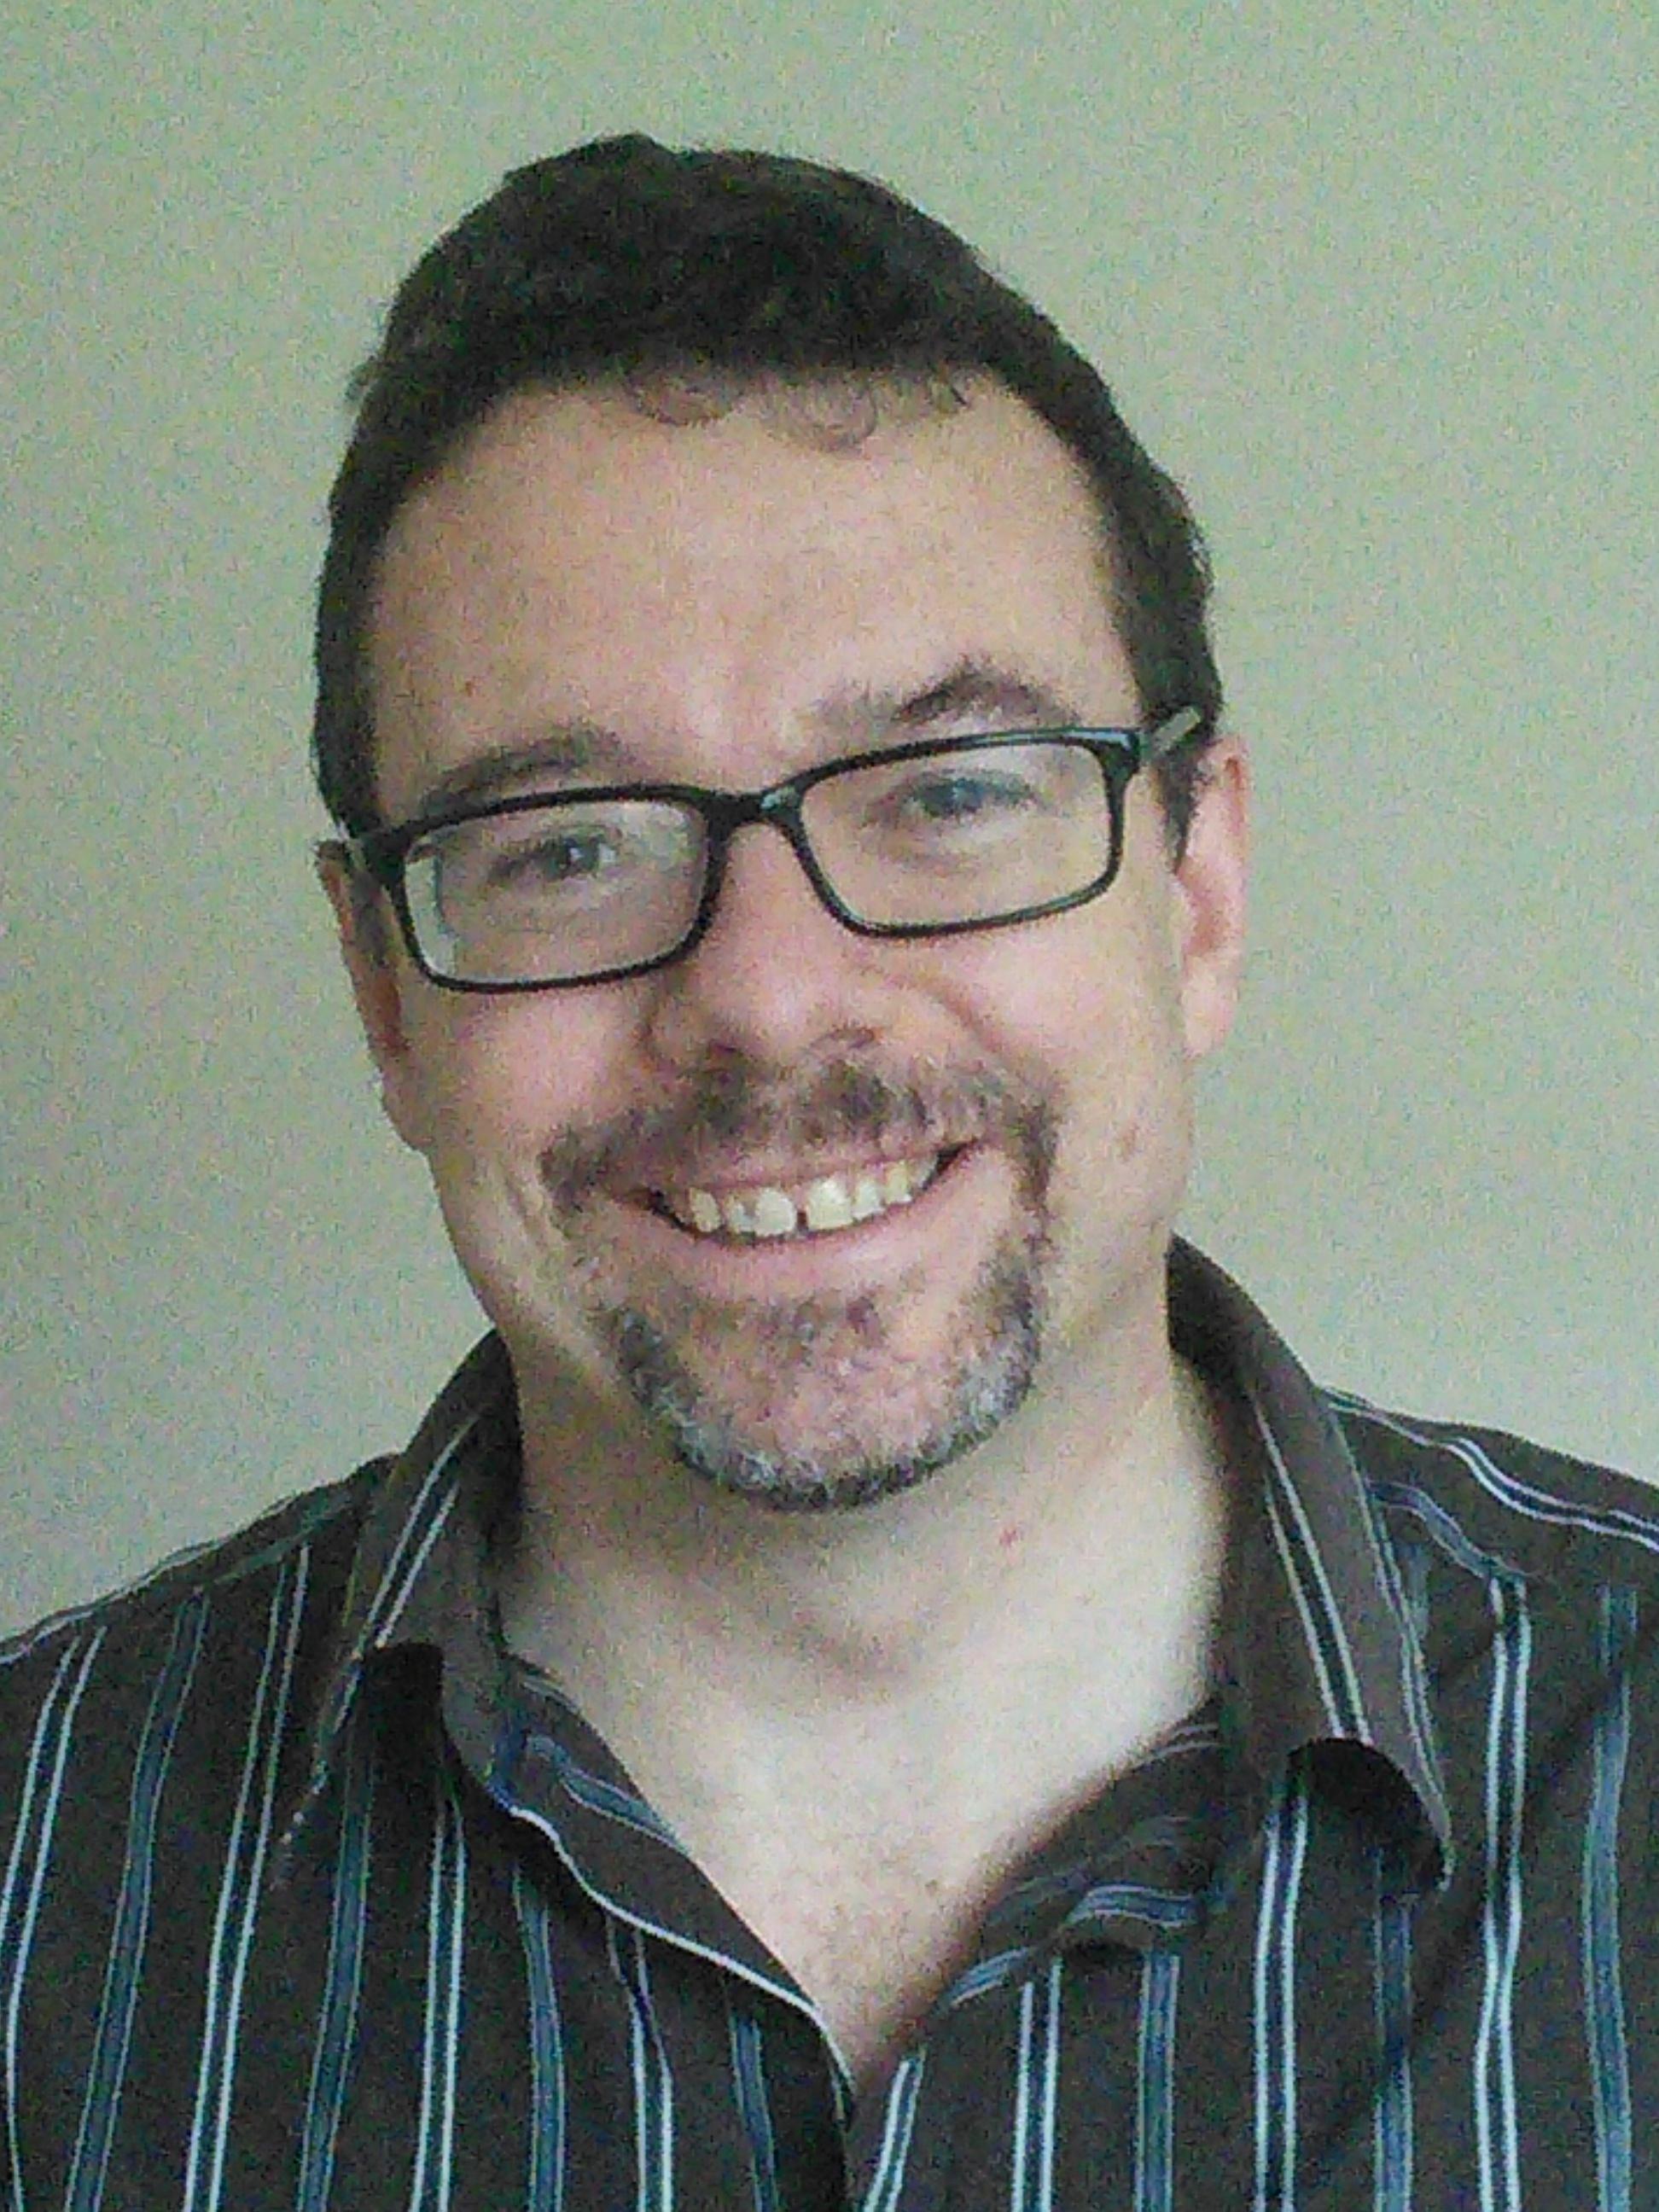 Paul Yeulett